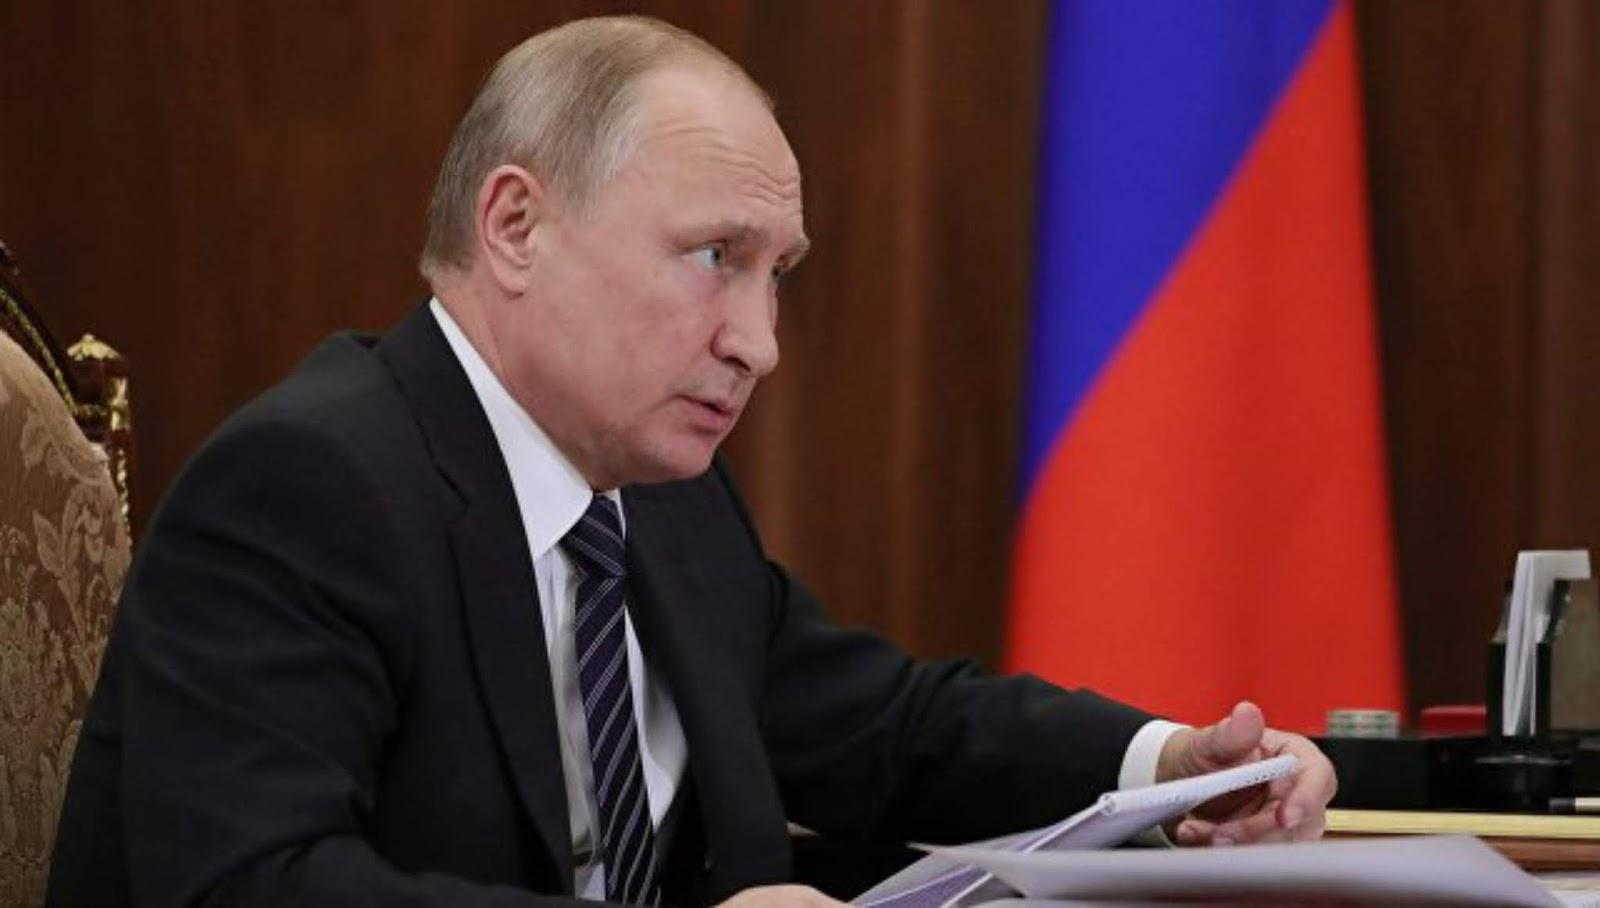 Putin akan berkunjung ke India kemungkinan untuk menandatangai kontrak S-400